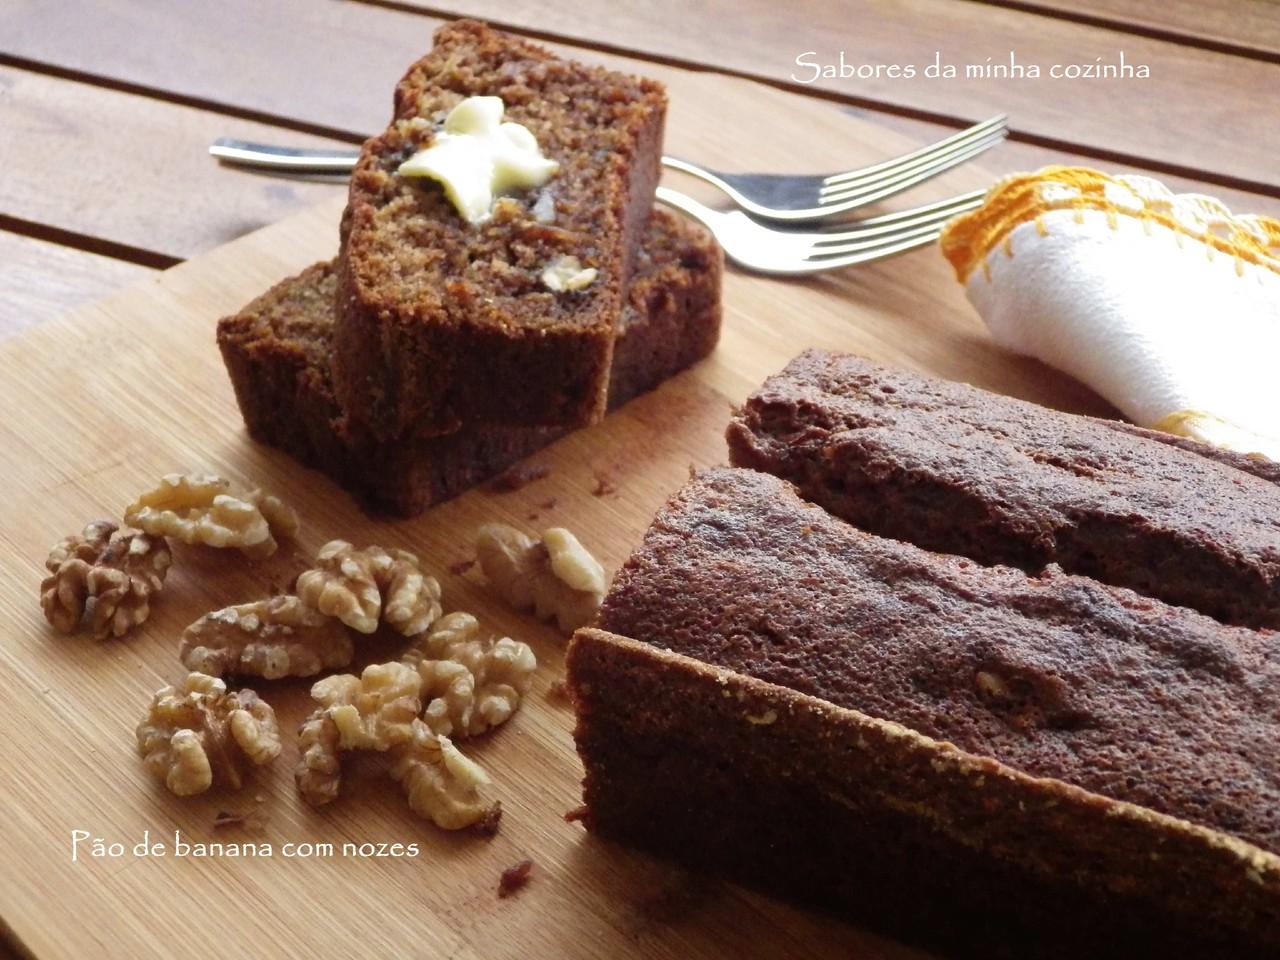 IMGP4352-Pão de banana com nozes-Blog.JPG